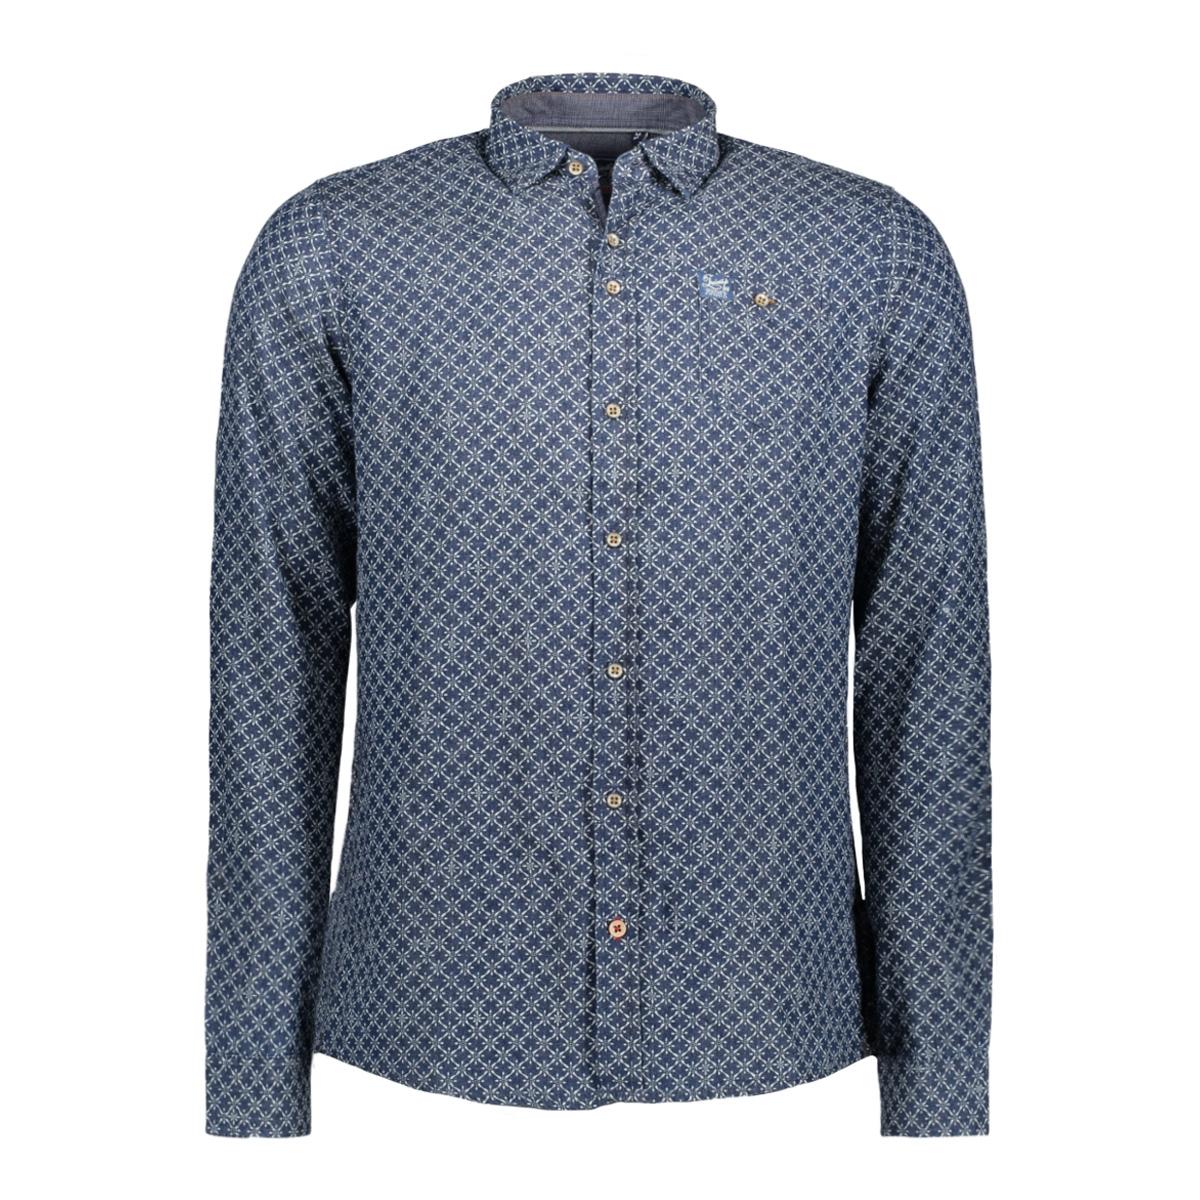 msh751615 twinlife overhemd real indigo